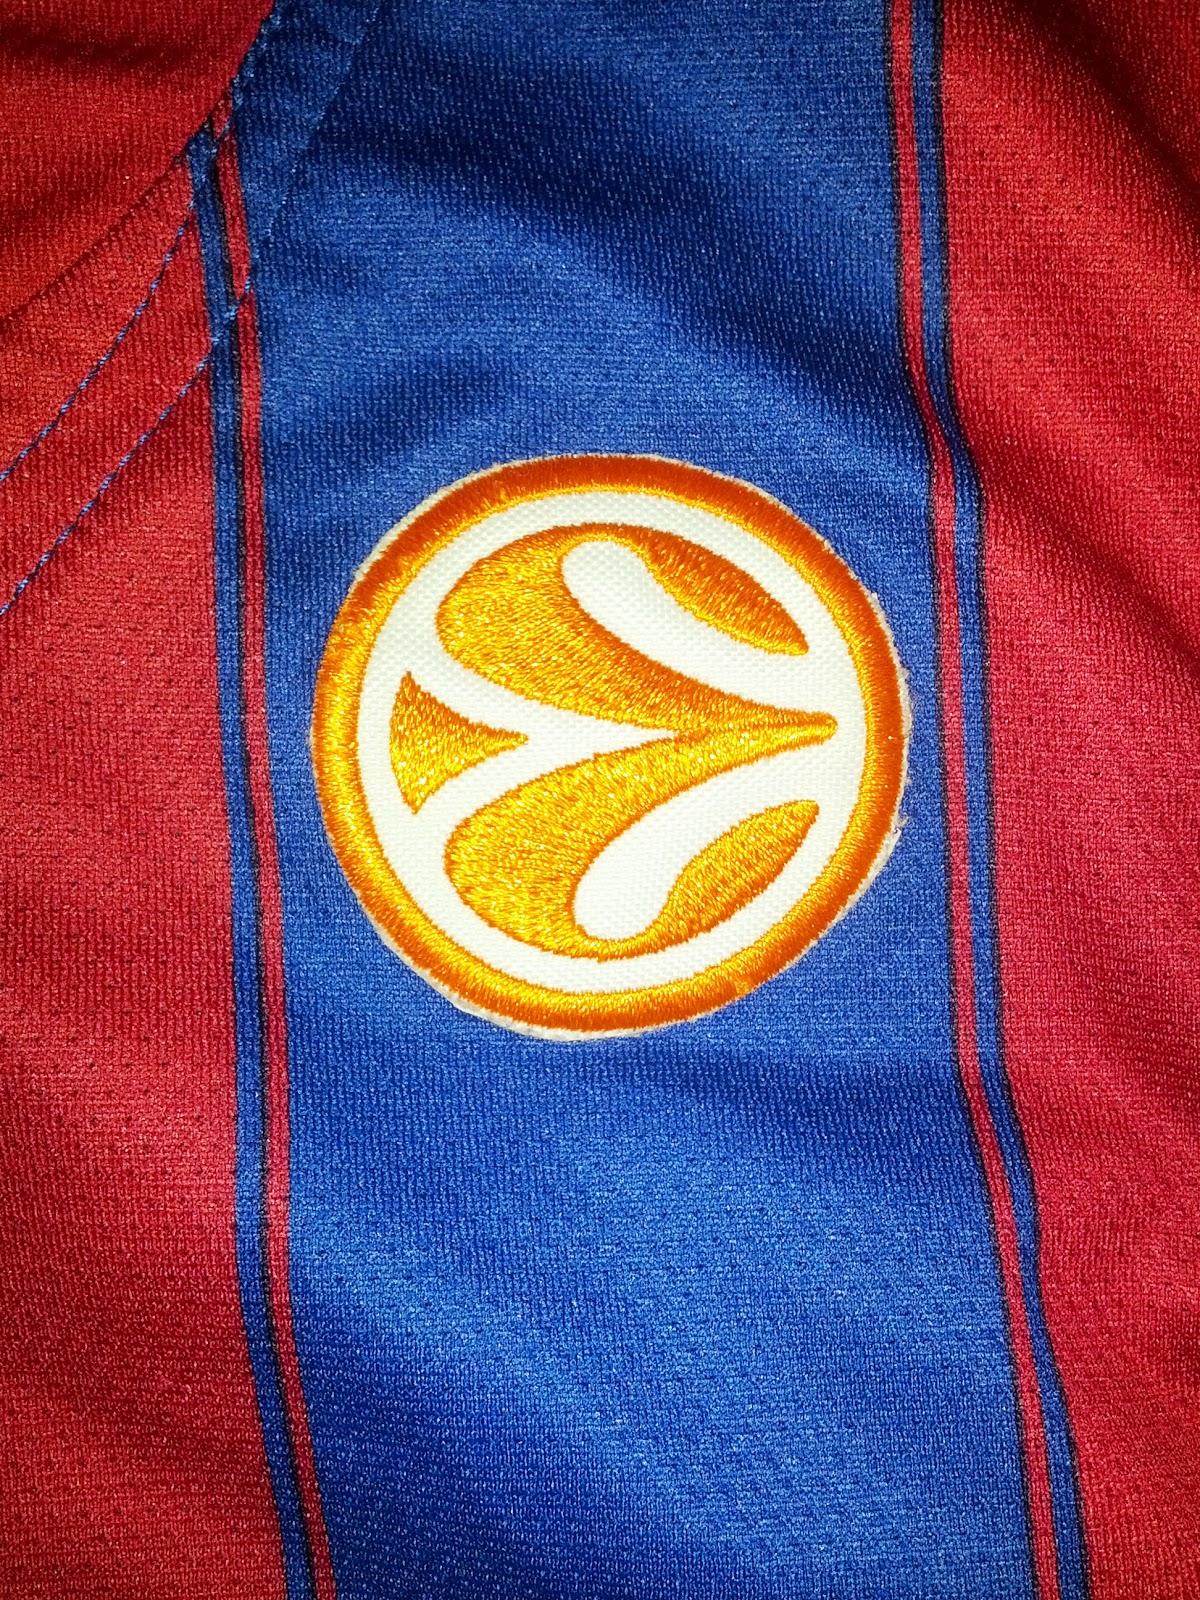 euroleague quali